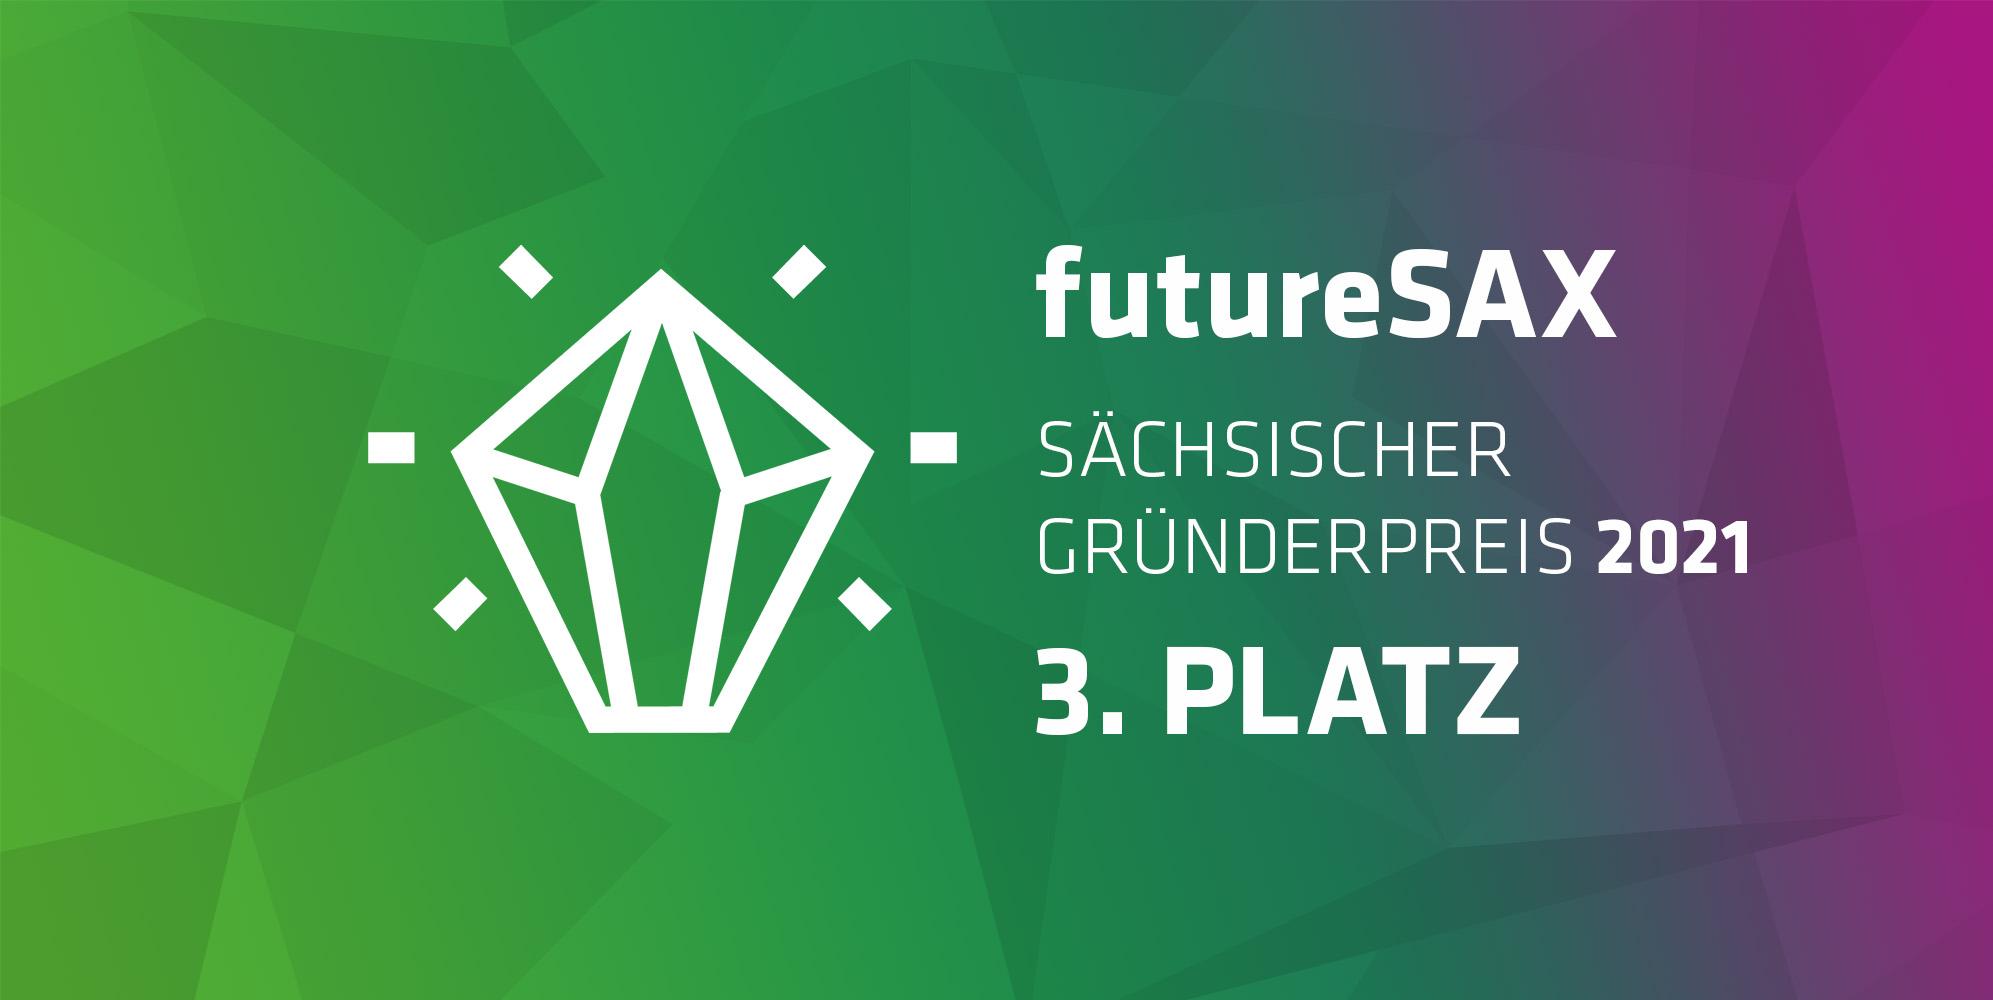 futureSAX_Gründerpreis_3Platz_Icon_quer_verlauf